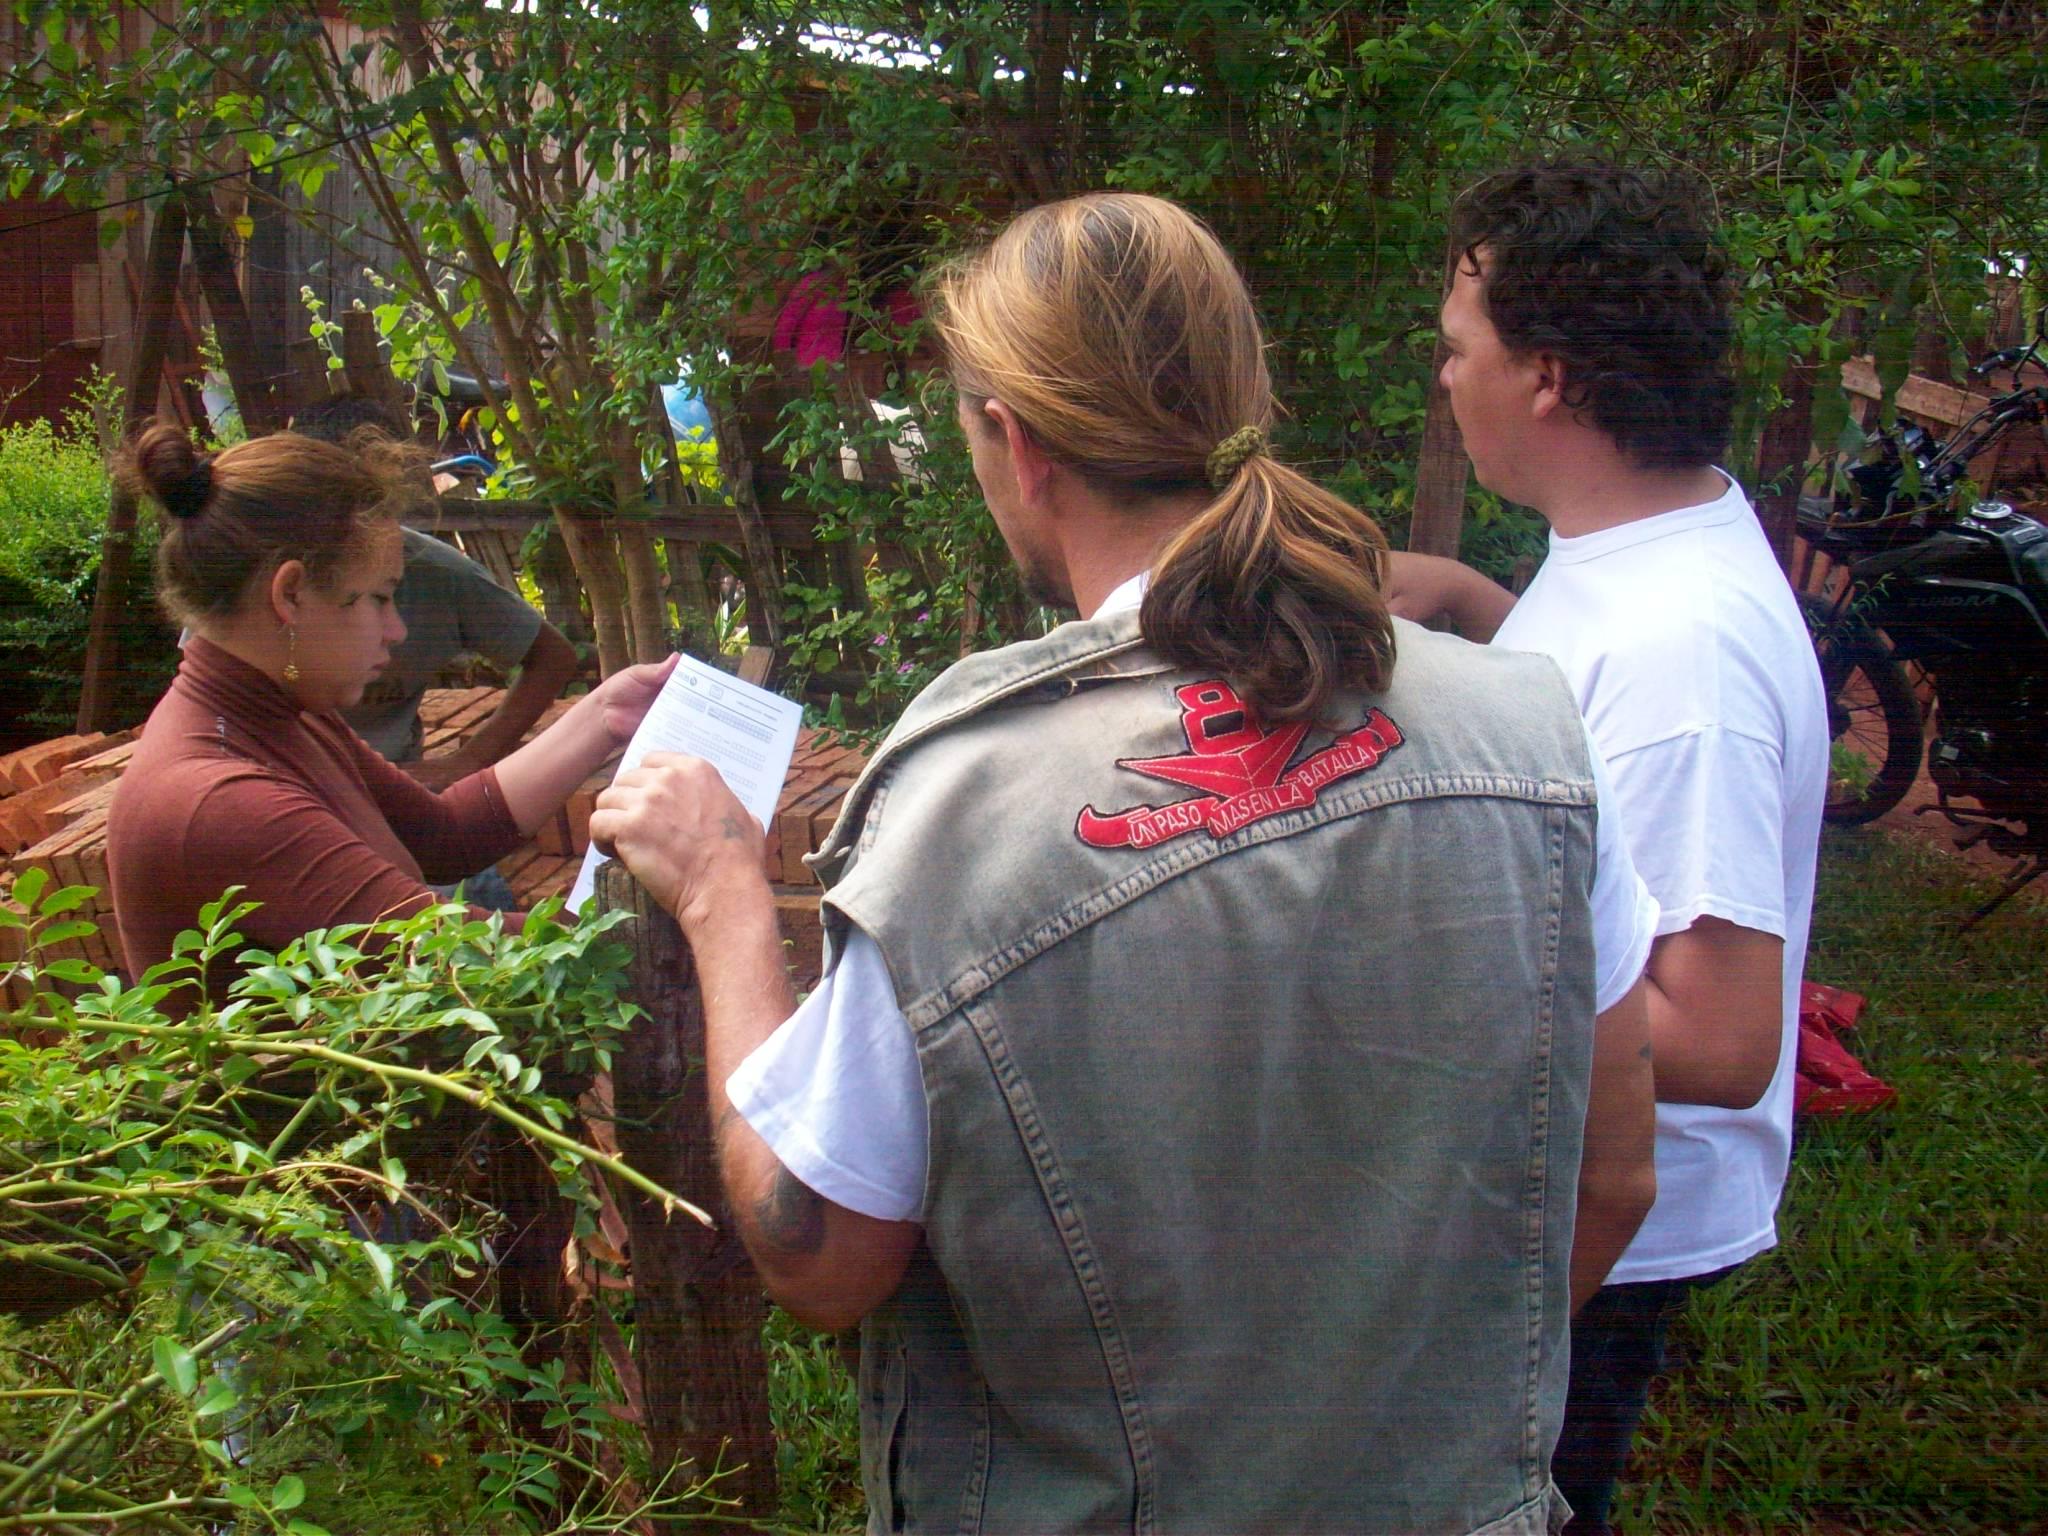 misiones-alem-barriofeltan-progresar-lapatriaeselotro3